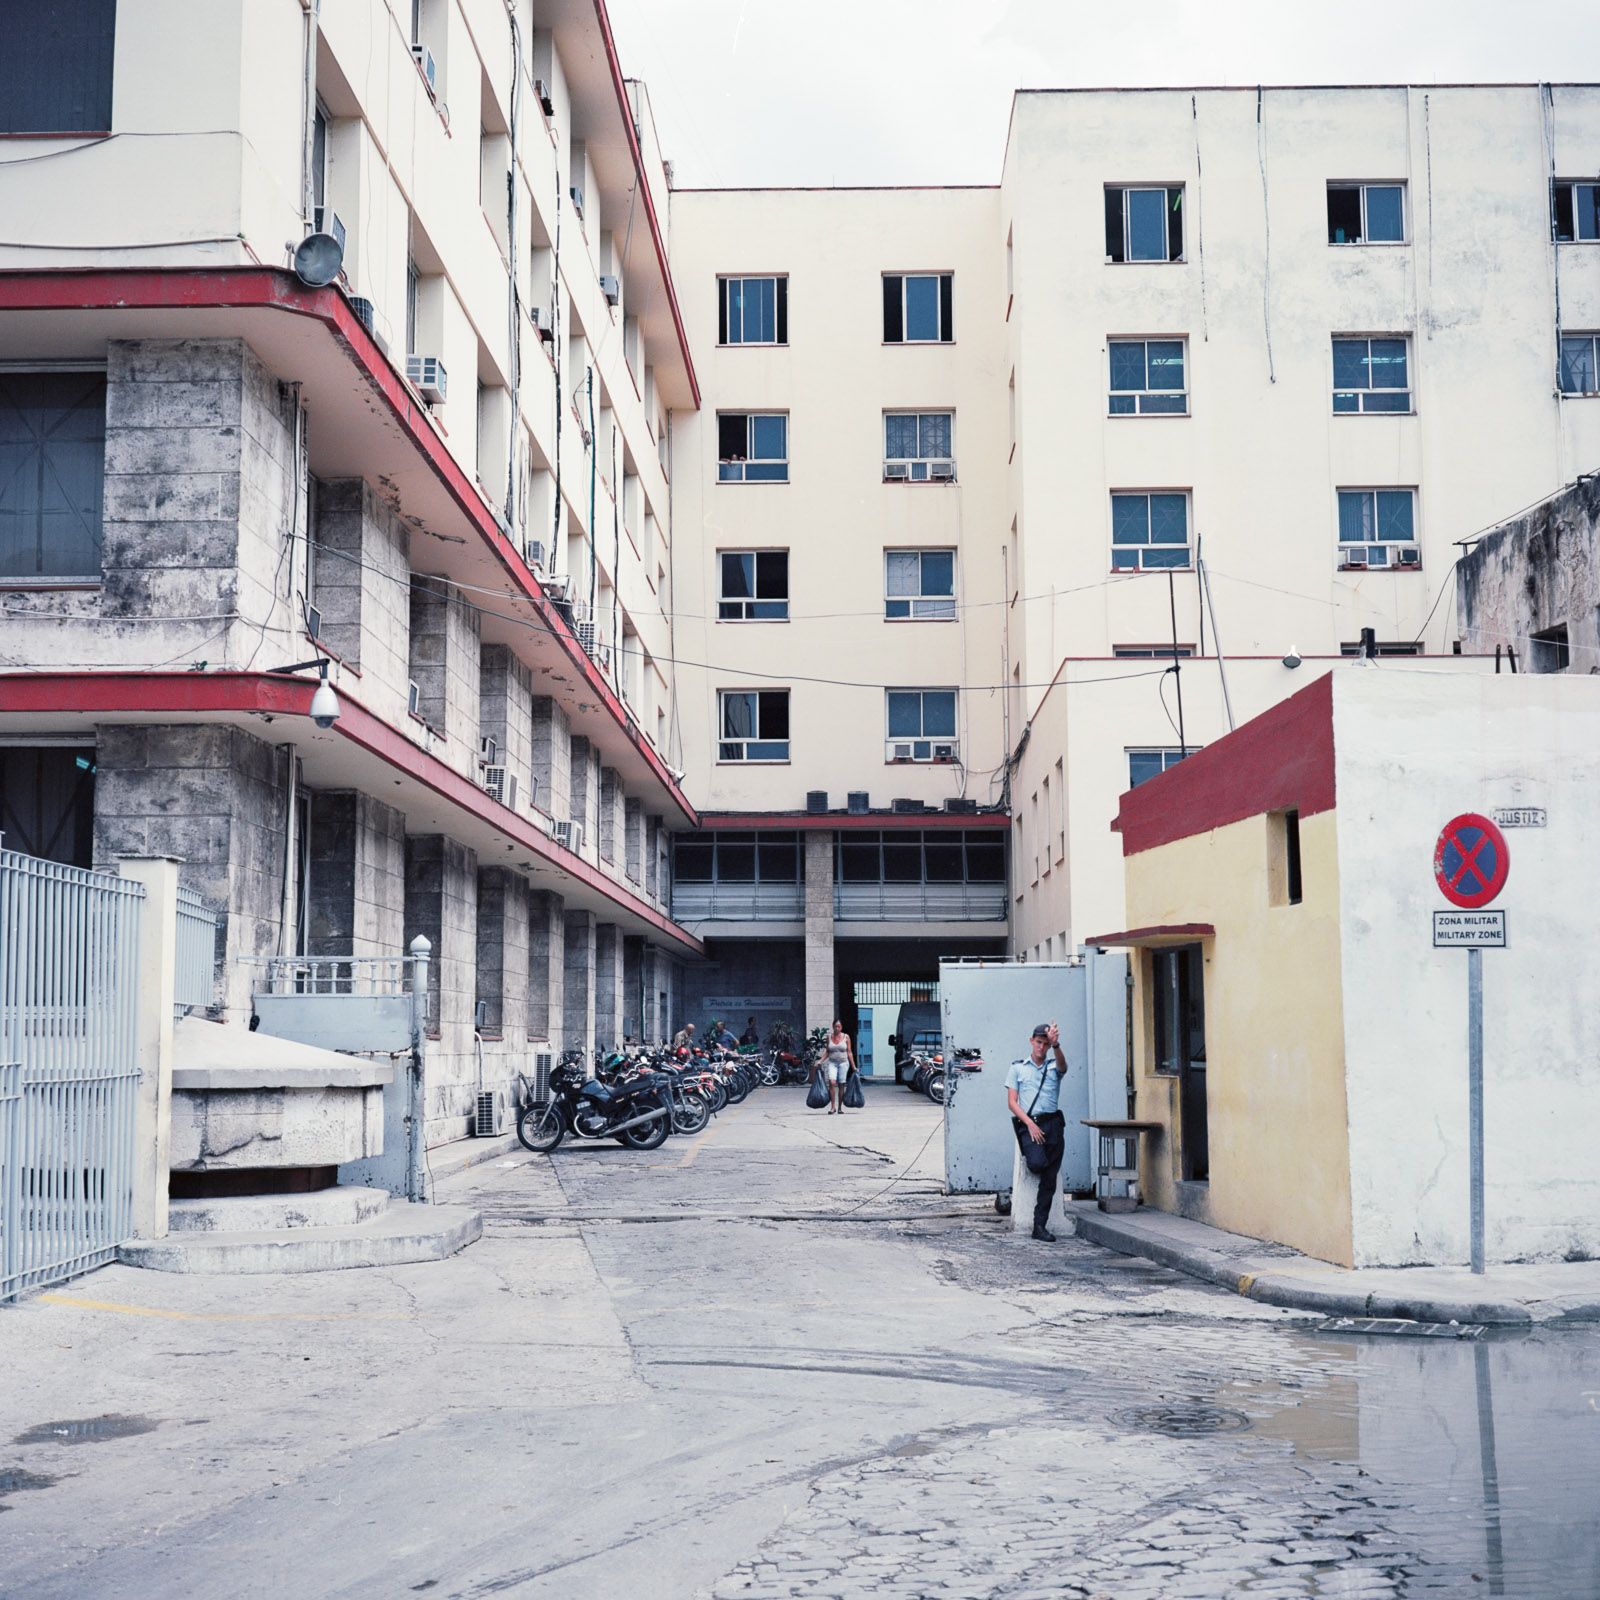 0001-cuba-travelphotography-21-Cuba-Ektar-100-4-1.jpg